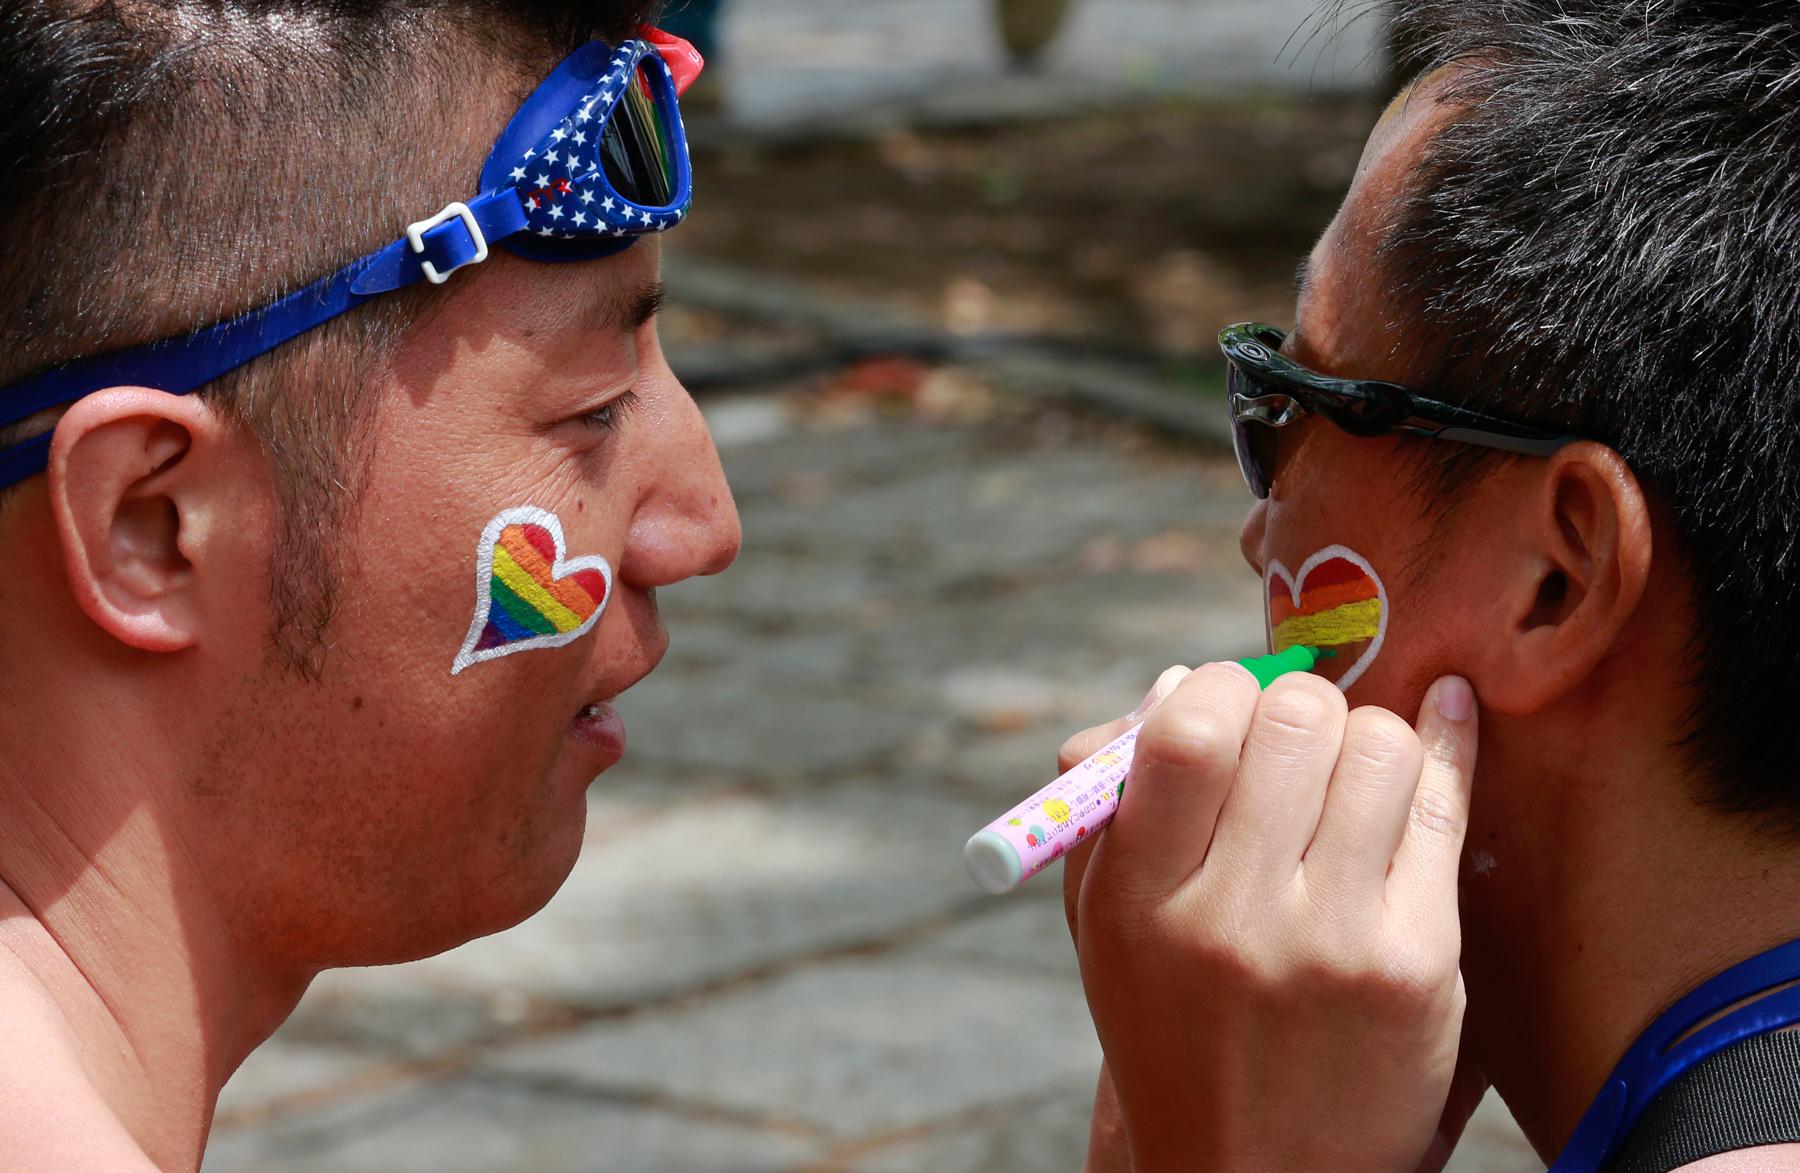 Homem pinta coração em formato de arco-íris no rosto de outro homem (© AP Images)